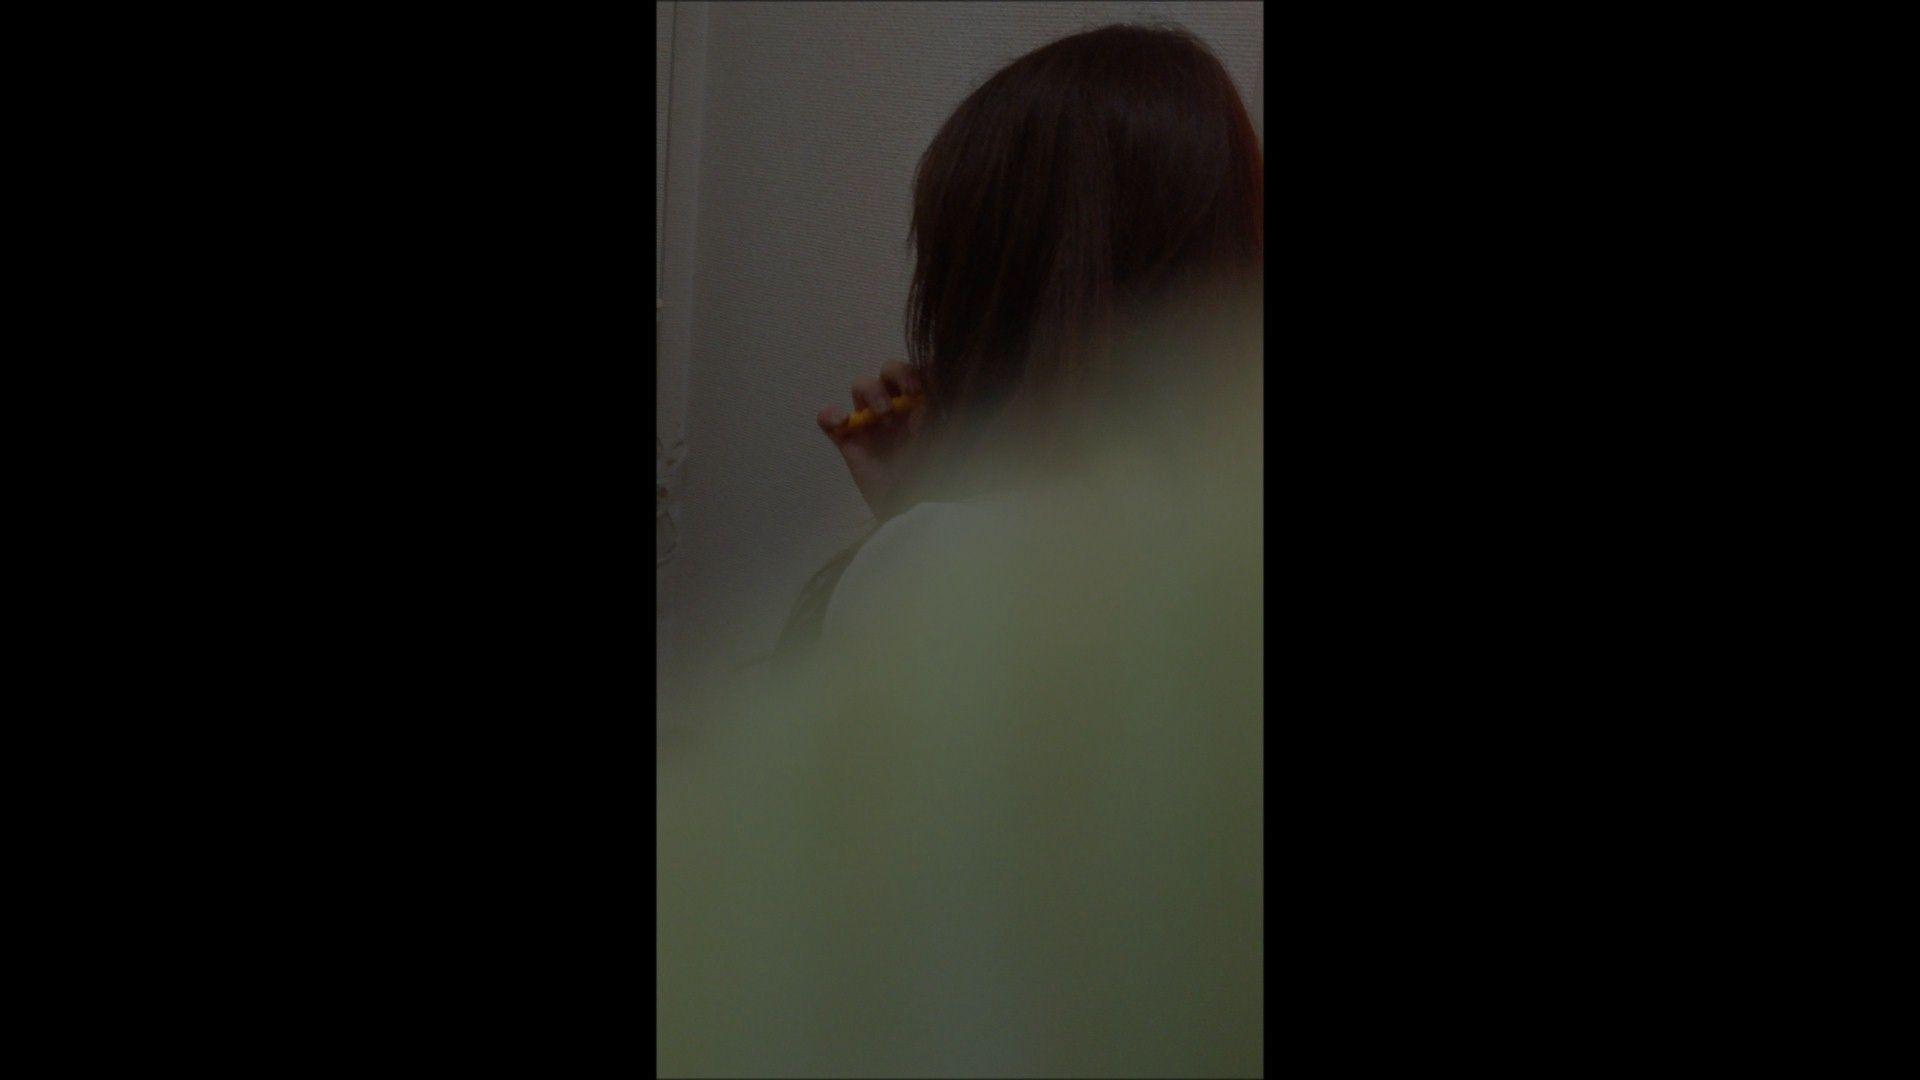 08(8日目)メイク中の彼女の顔を撮りました! マンコ特集 | オマンコ丸見え  59連発 45